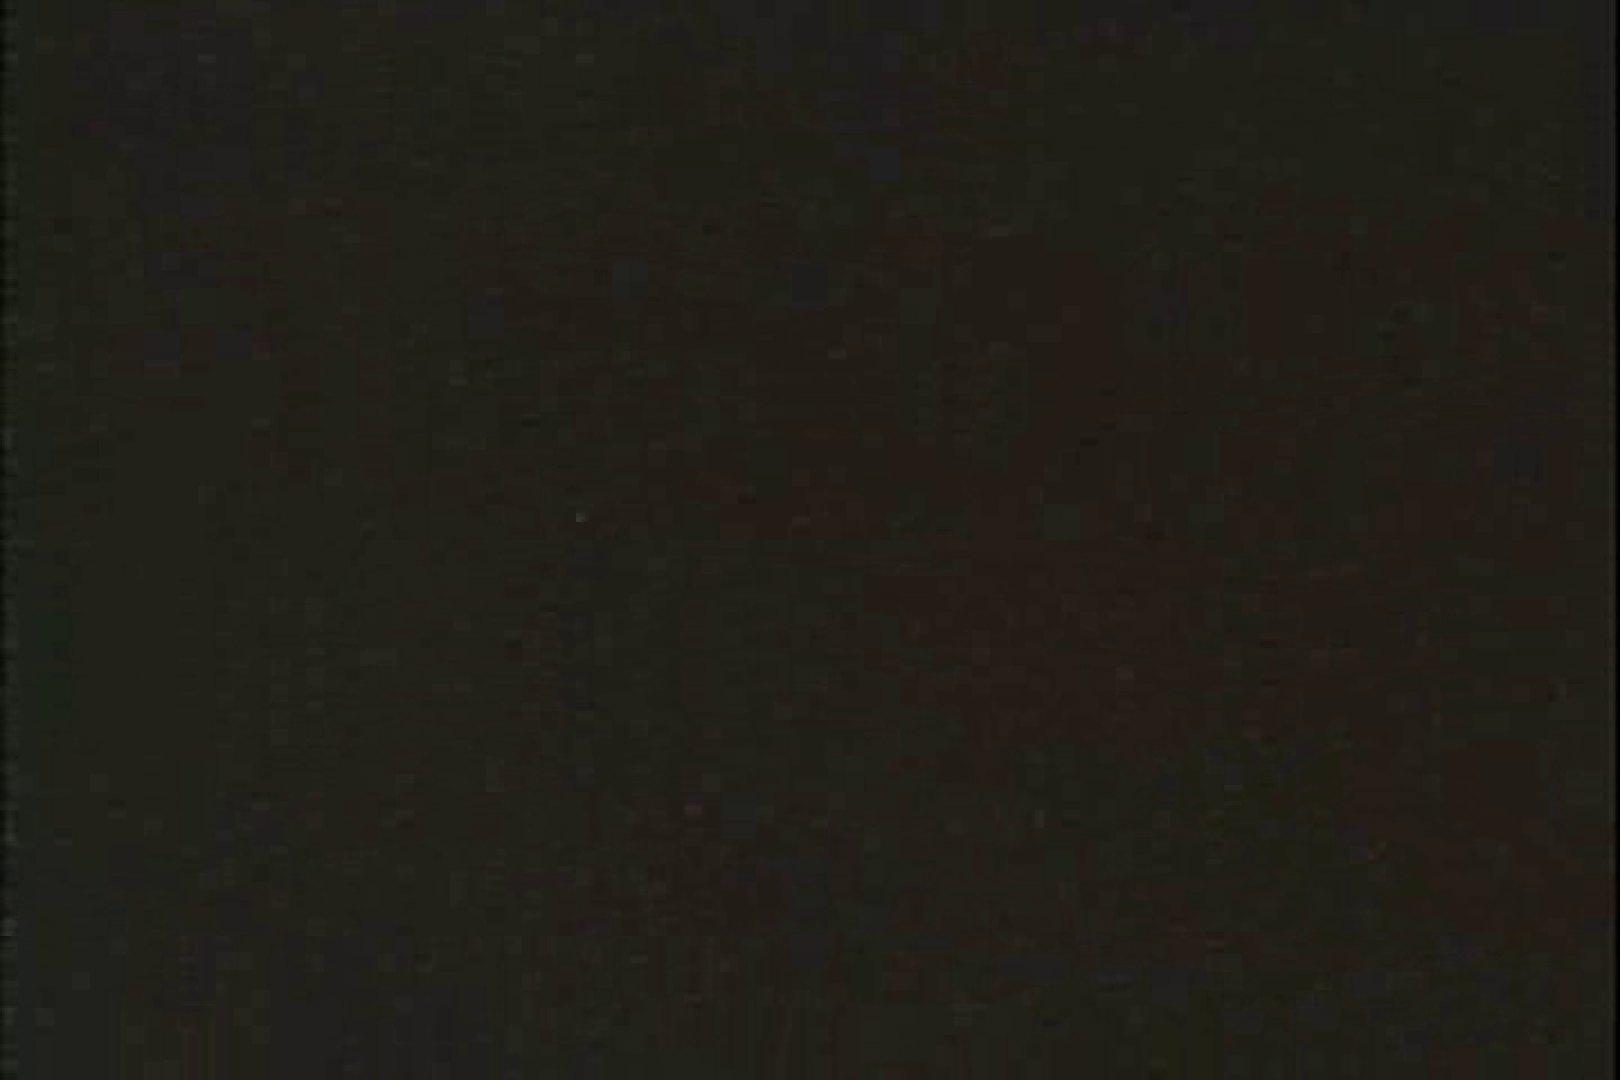 「ちくりん」さんのオリジナル未編集パンチラVol.6_01 チラ歓迎 すけべAV動画紹介 95pic 9